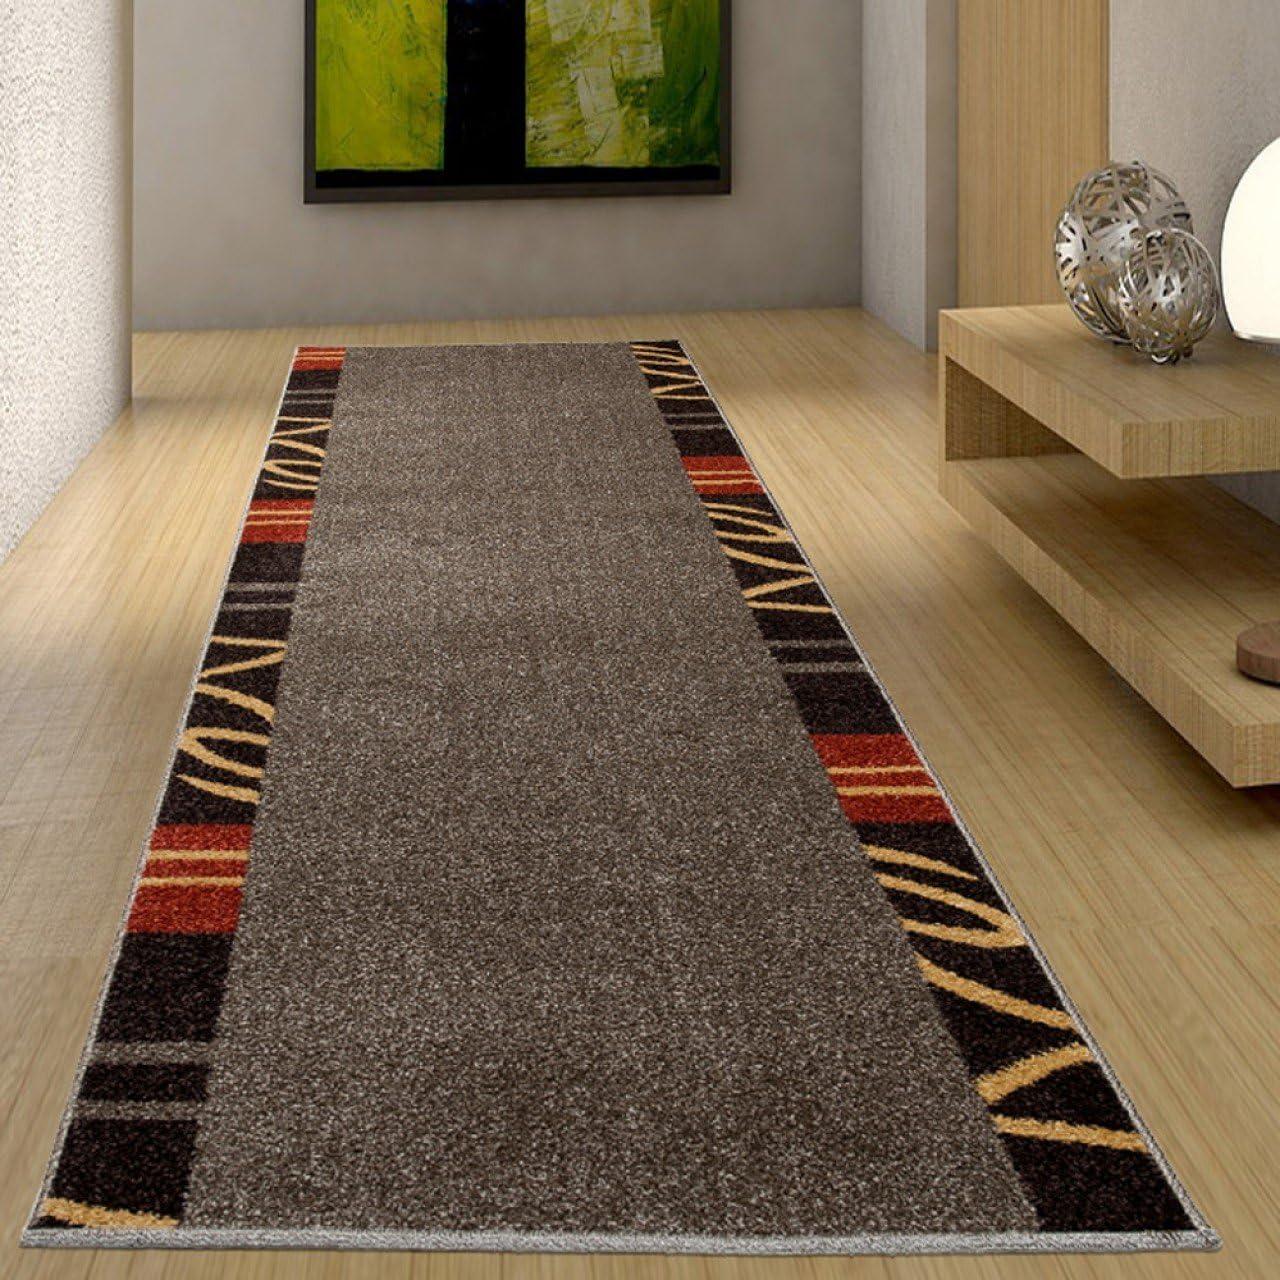 Tapiso JAWA L/äufer Teppich Flur Br/ücke Meliert Modern Kurzflor Braun Rot Gelb Streifen Linien Muster Designer Wohnzimmer /ÖKOTEX 70 x 110 cm